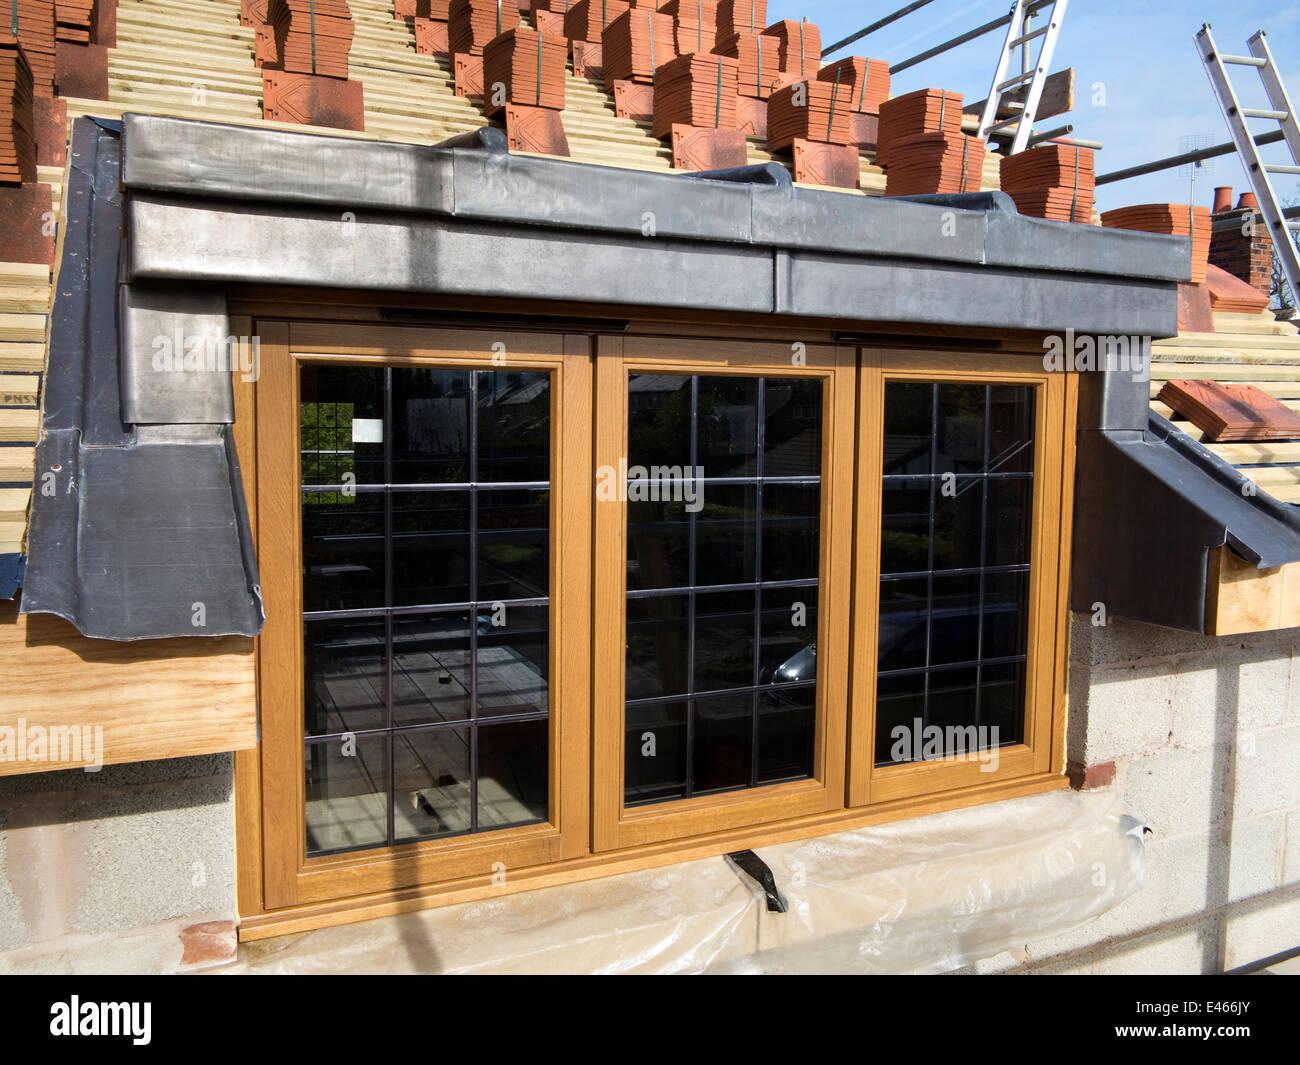 selbstbau-haus, dach, um traditionelle hölzerne dachgaube gefliest